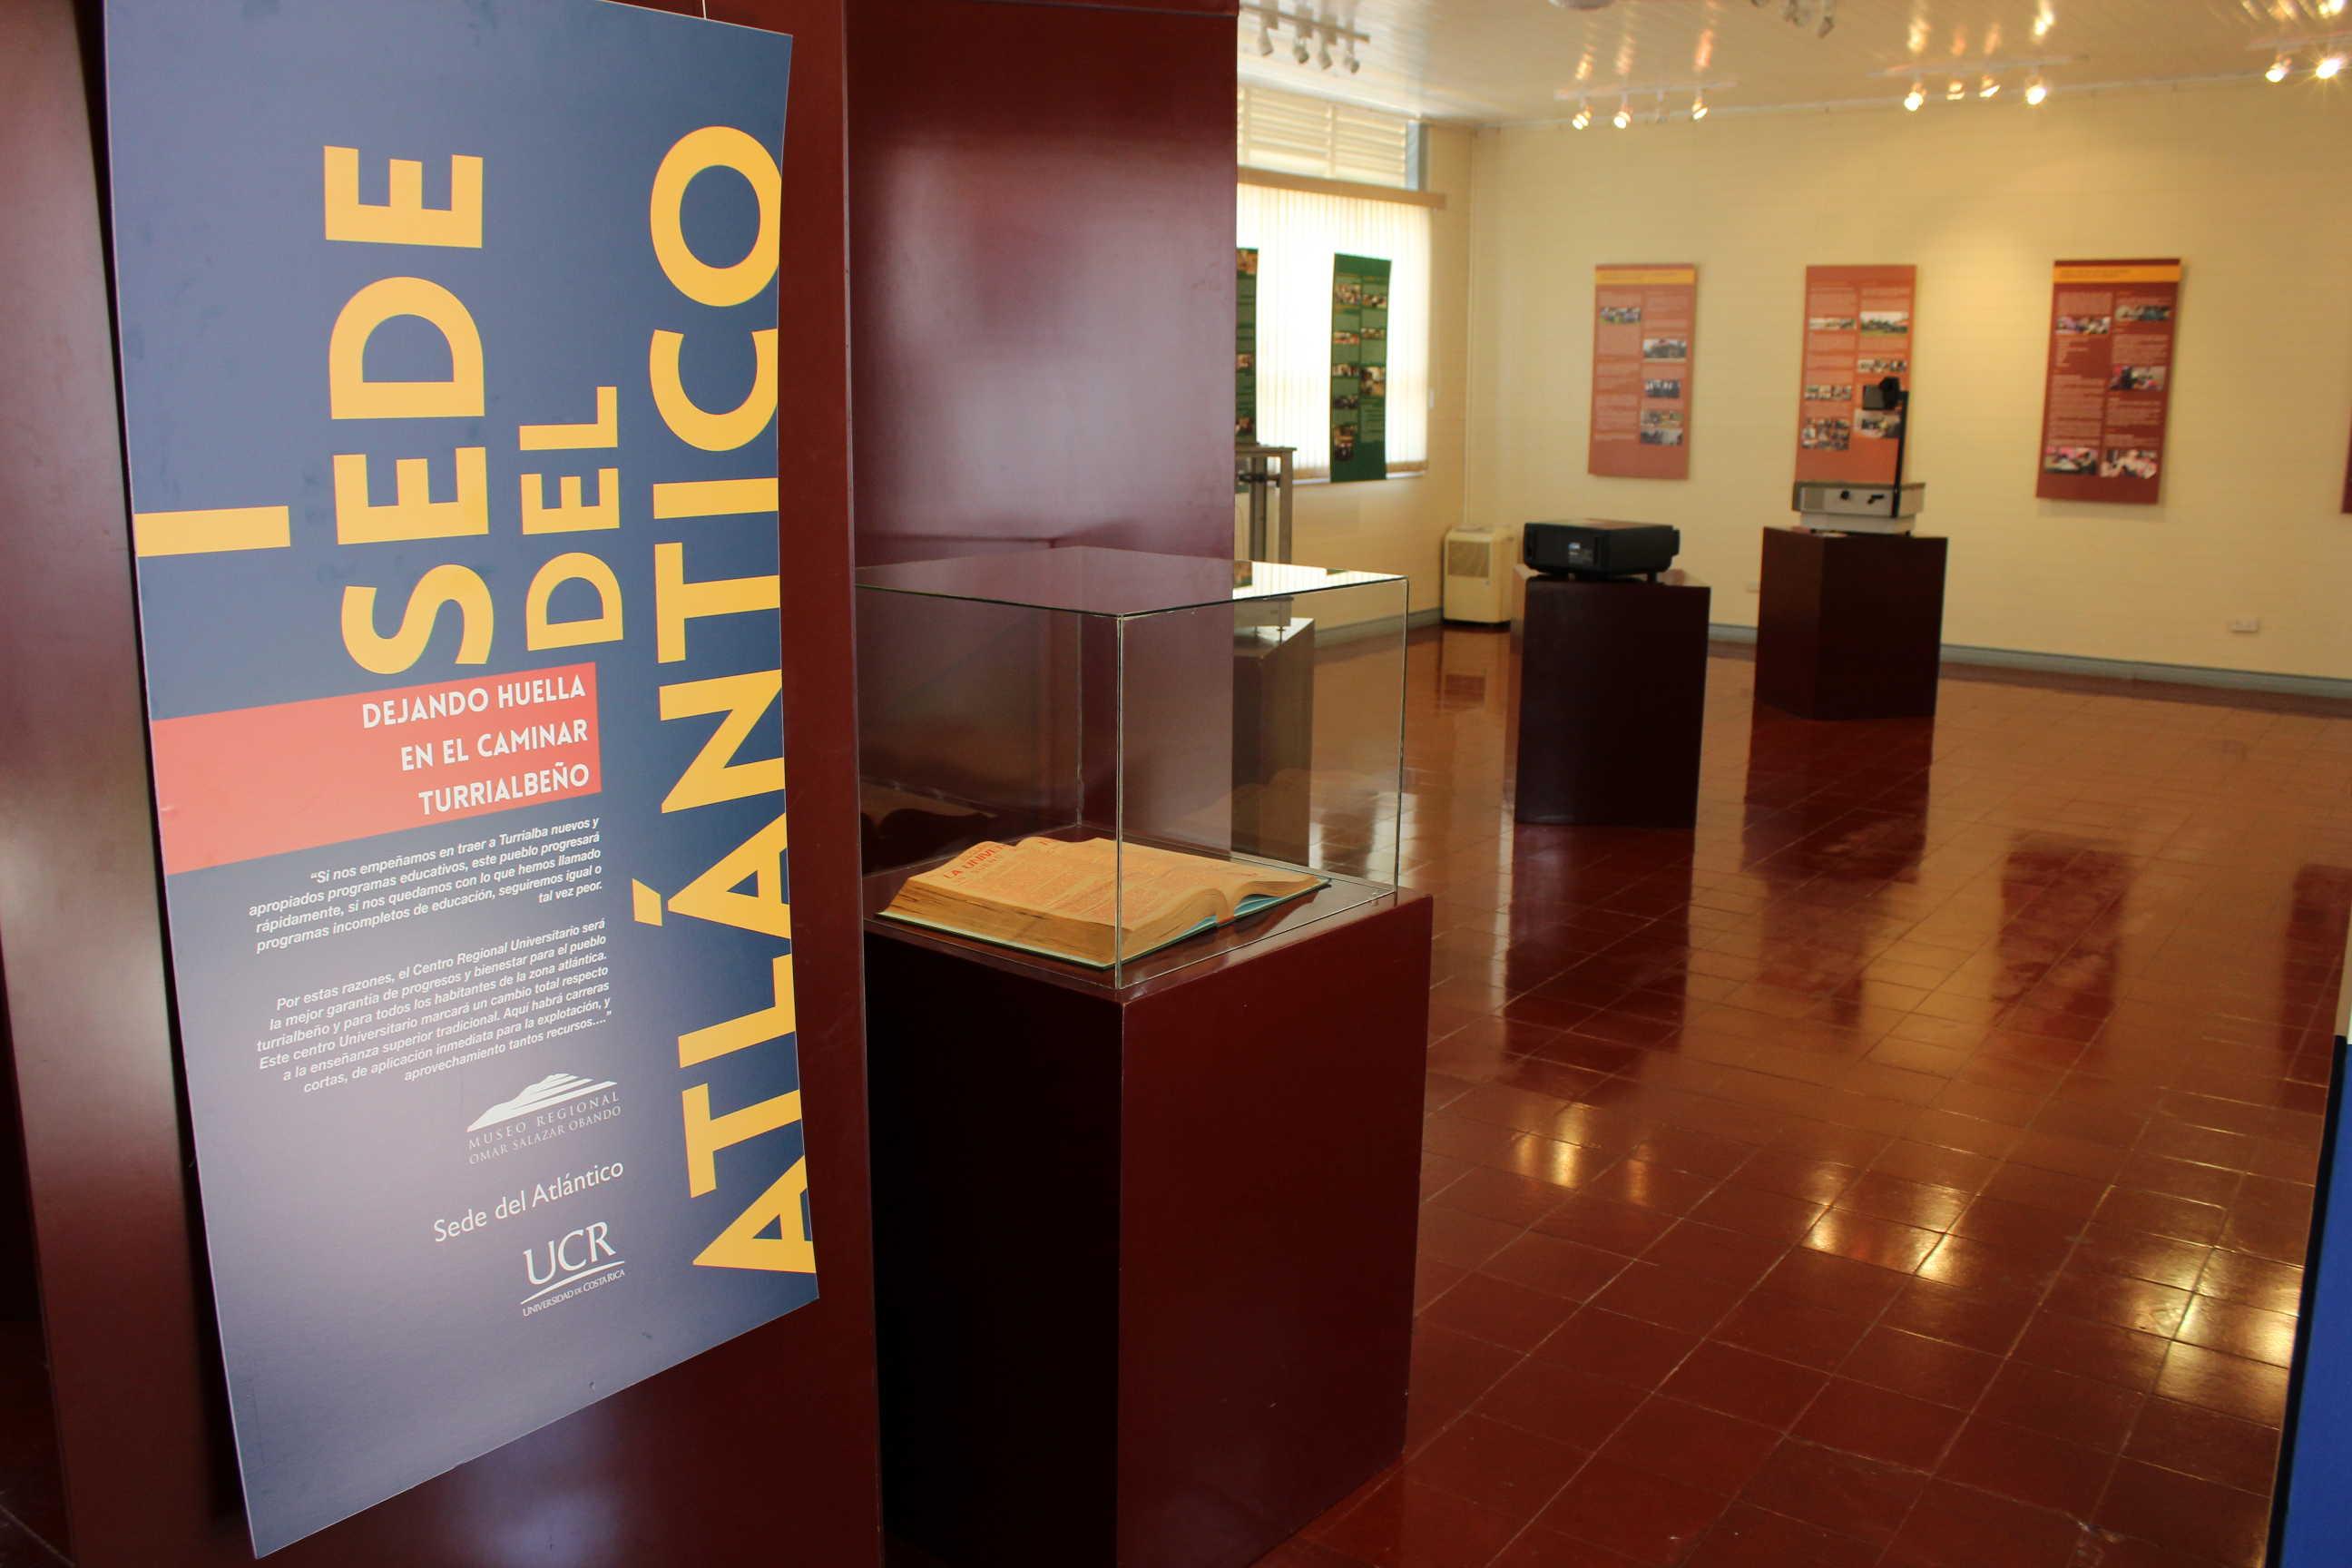 Exposicion permanente sobre fundacion de sede del Atlántico.